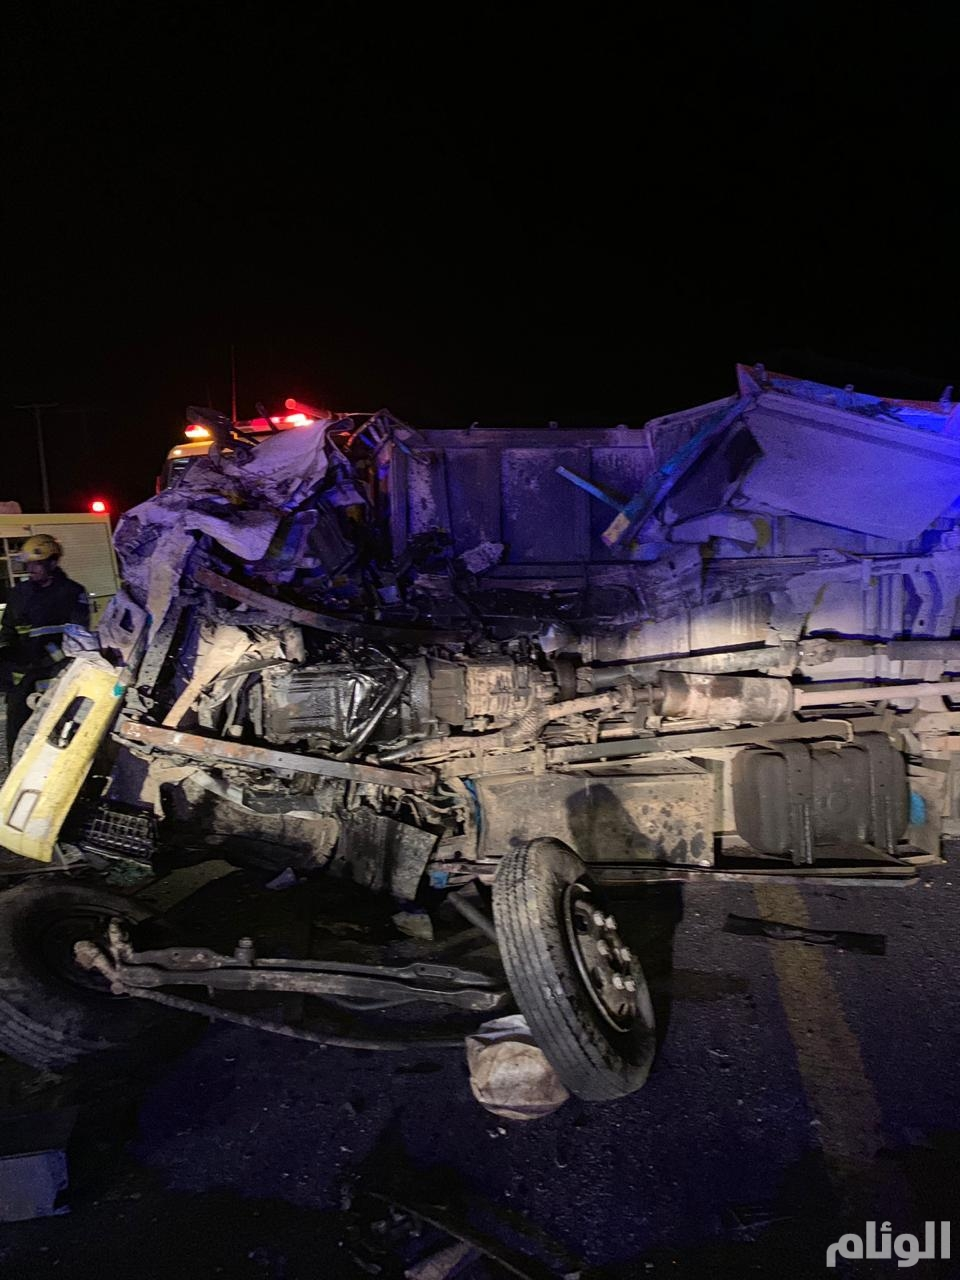 وفاة أًب وأم وطفلتهم في حادث تصادم مرّوع بالطائف